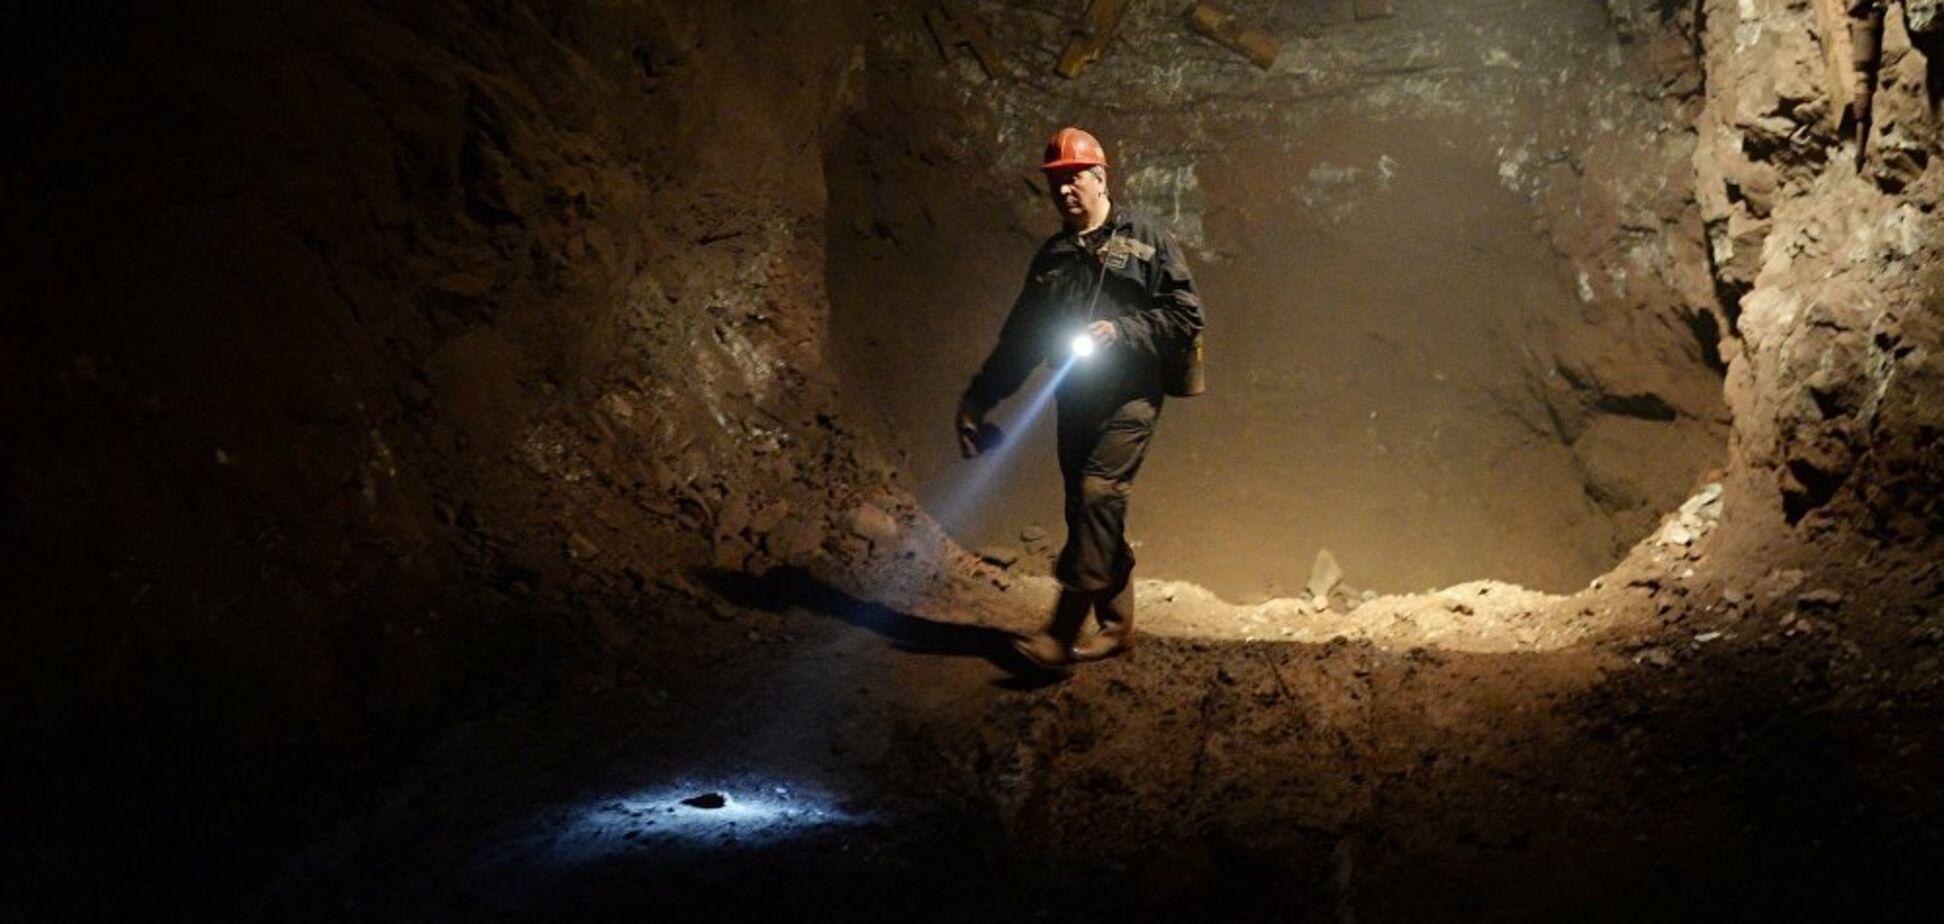 Пожар в шахте под Днепром: стало известно состояние пострадавших